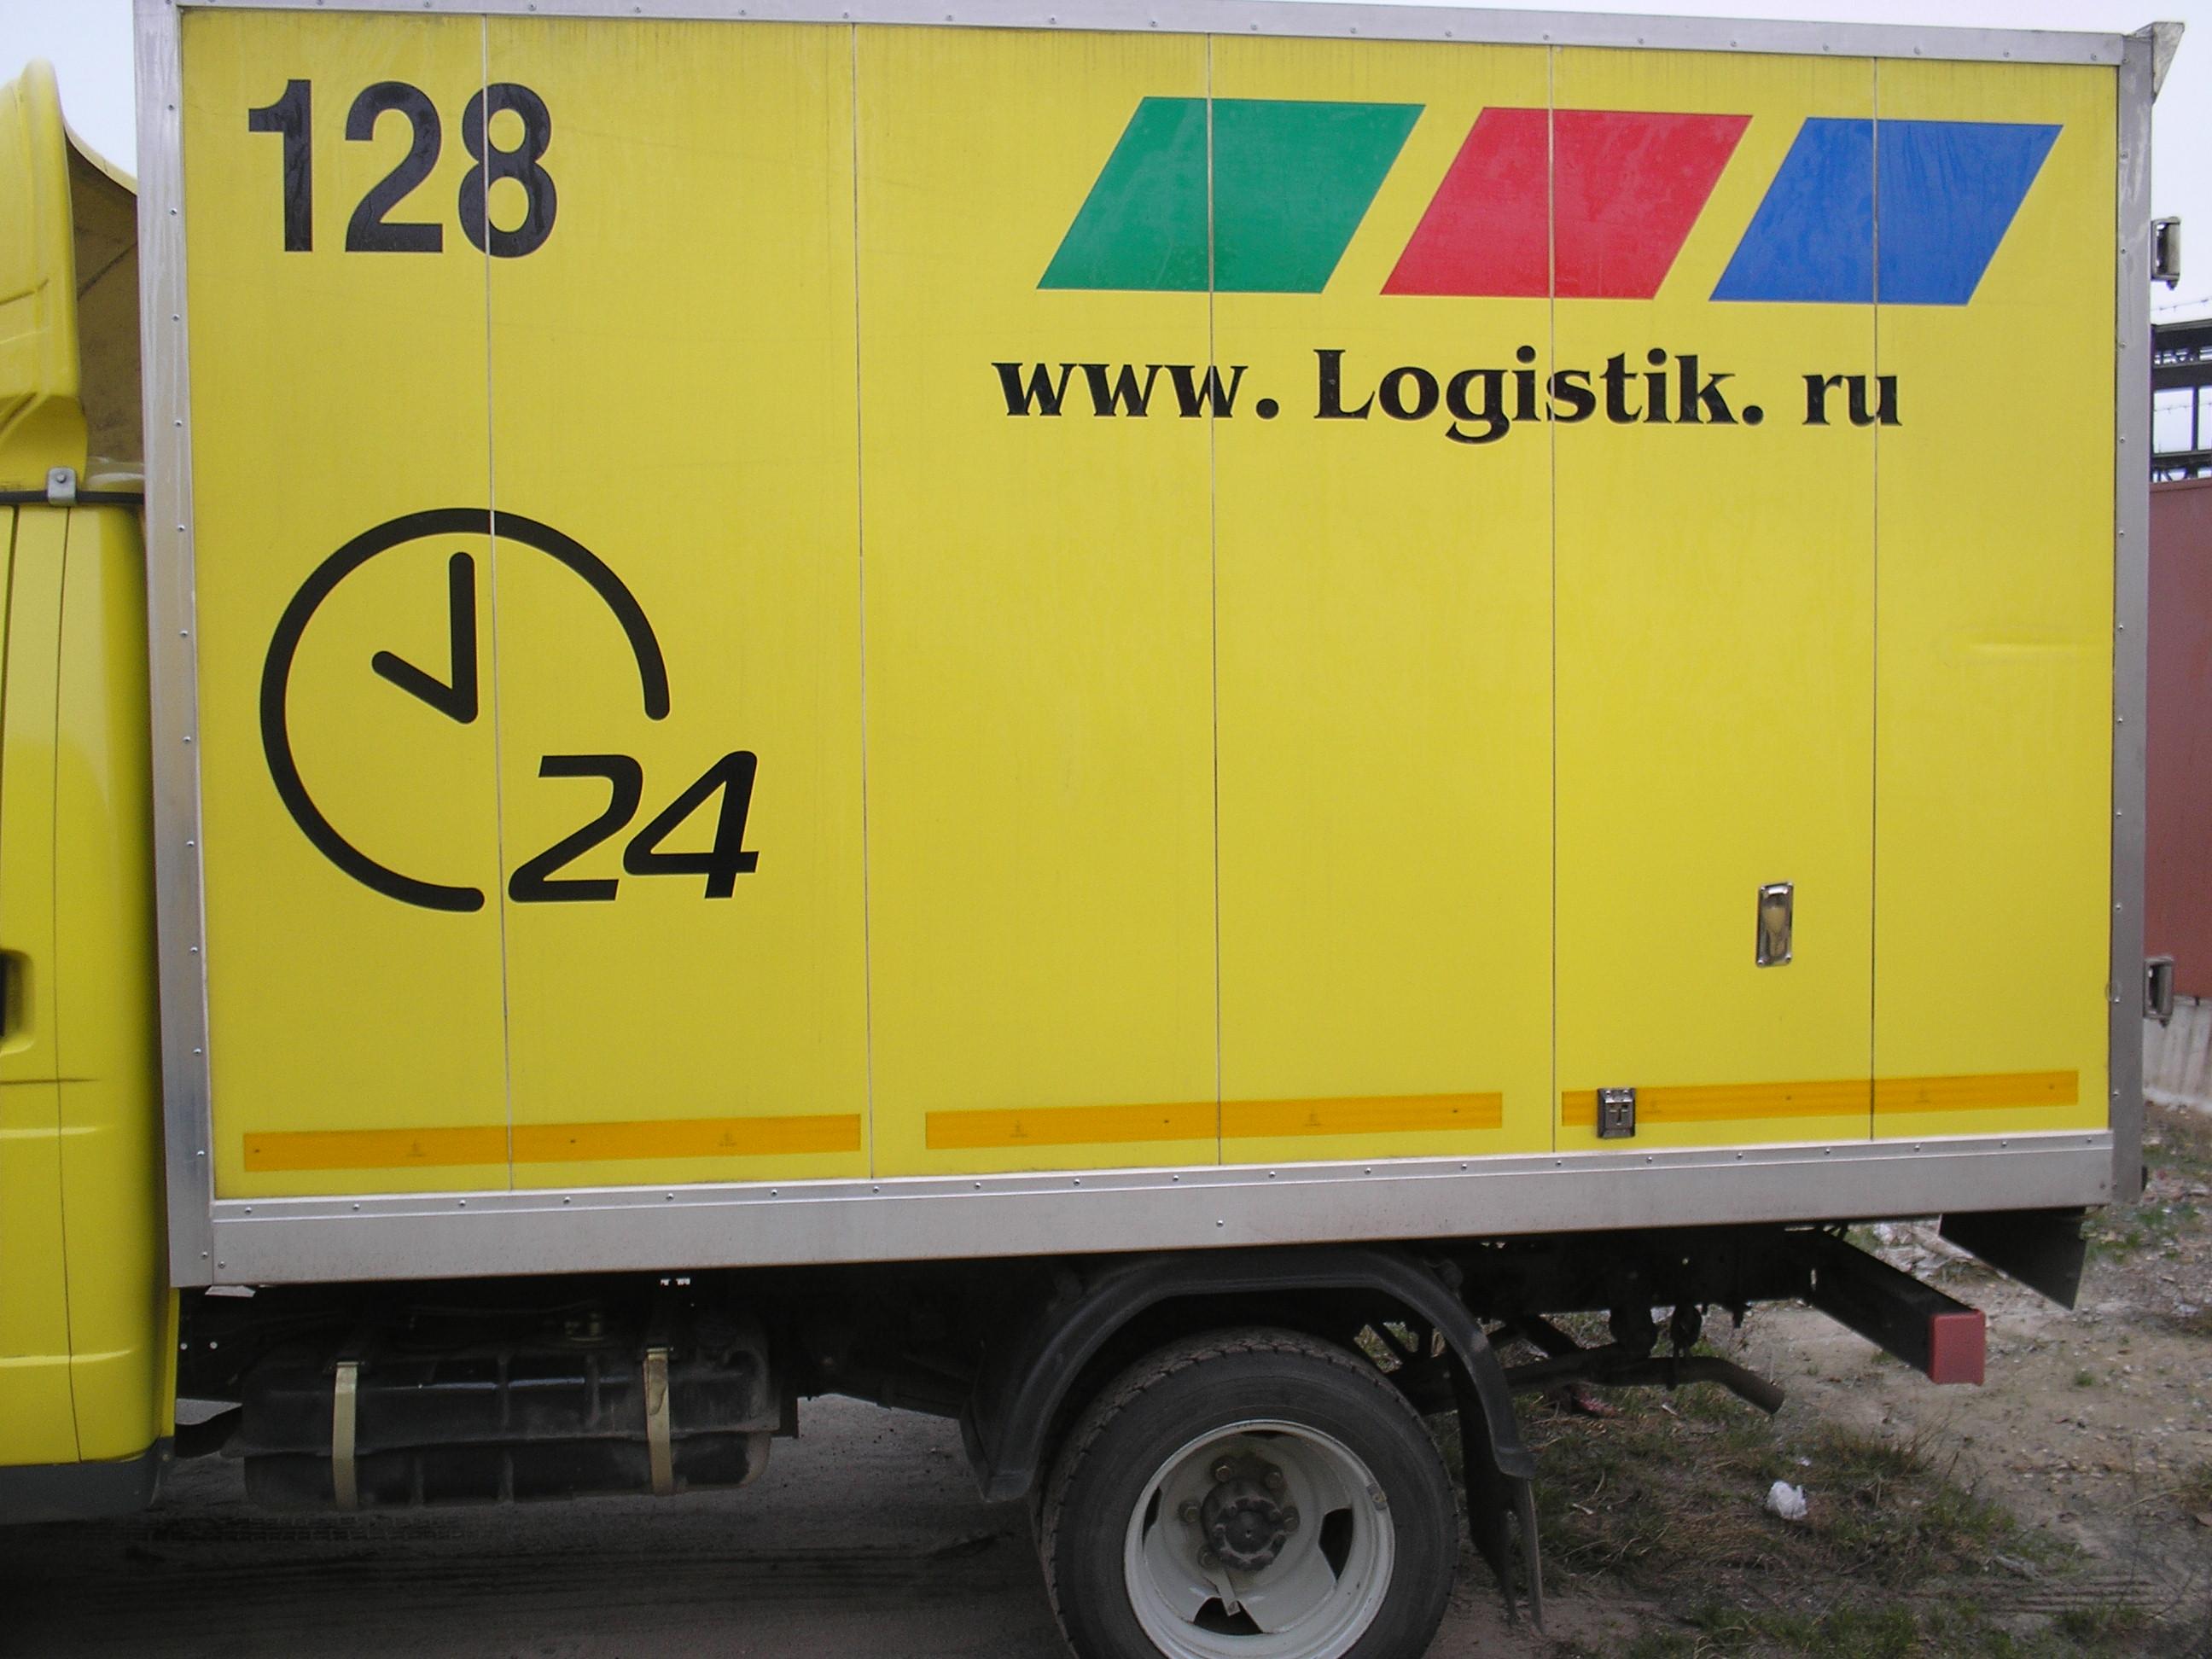 Опыт транспортно логистической компании